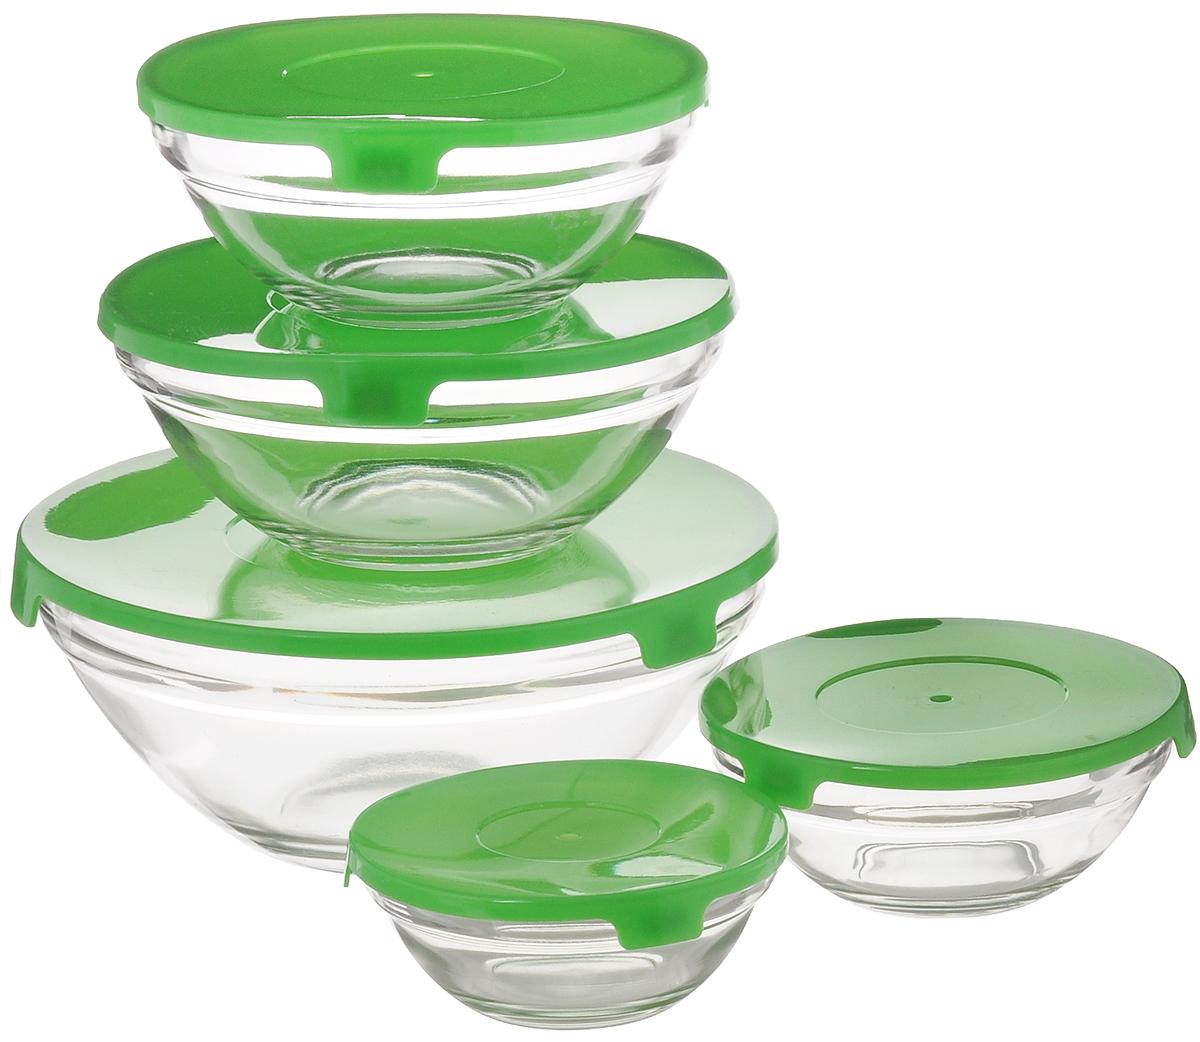 Набор салатников Miolla, цвет: прозрачный, зеленый, 5 шт2003290U_прозрачный, зеленыйНабор Miolla состоит из 5 круглых салатников, выполненных из прочного стекла, и 5 пластиковых крышек. Изделия прекрасно подходят для сервировки салатов и закусок, маленькие салатники идеальны для подачи соусов. Поверхность изделий гладкая и ровная, легко чистится. Салатники снабжены плотно закрывающимися крышками, благодаря которым продукты удобно хранить в холодильнике. Такой набор станет практичным приобретением для вашей кухни. Изделия можно мыть в посудомоечной машине и использовать в микроволновой печи. Диаметр салатников: 9 см, 10,5 см, 12,5 см, 14 см, 17 см. Высота салатников: 4 см, 4,5 см, 5 см, 5,5 см, 7,5 см.